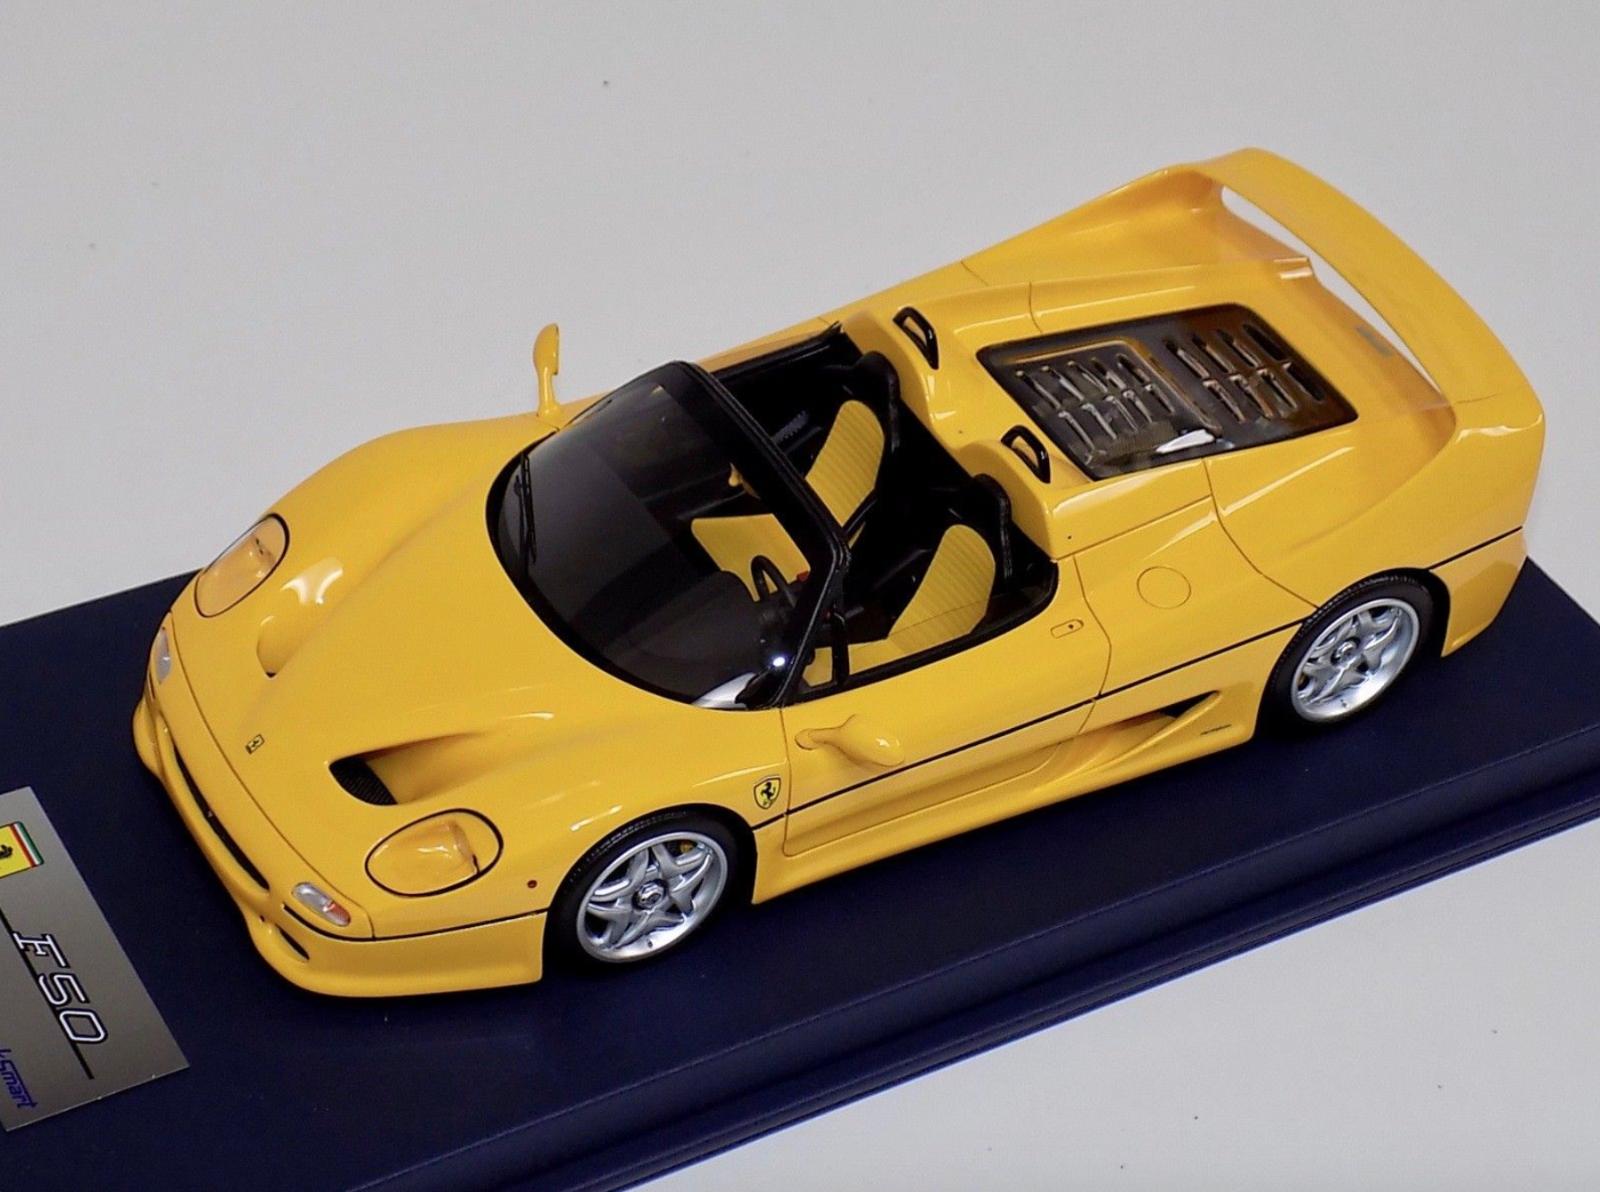 LookSmart señor Ferrari F50 Spider en amarillo en la base de cuero azul